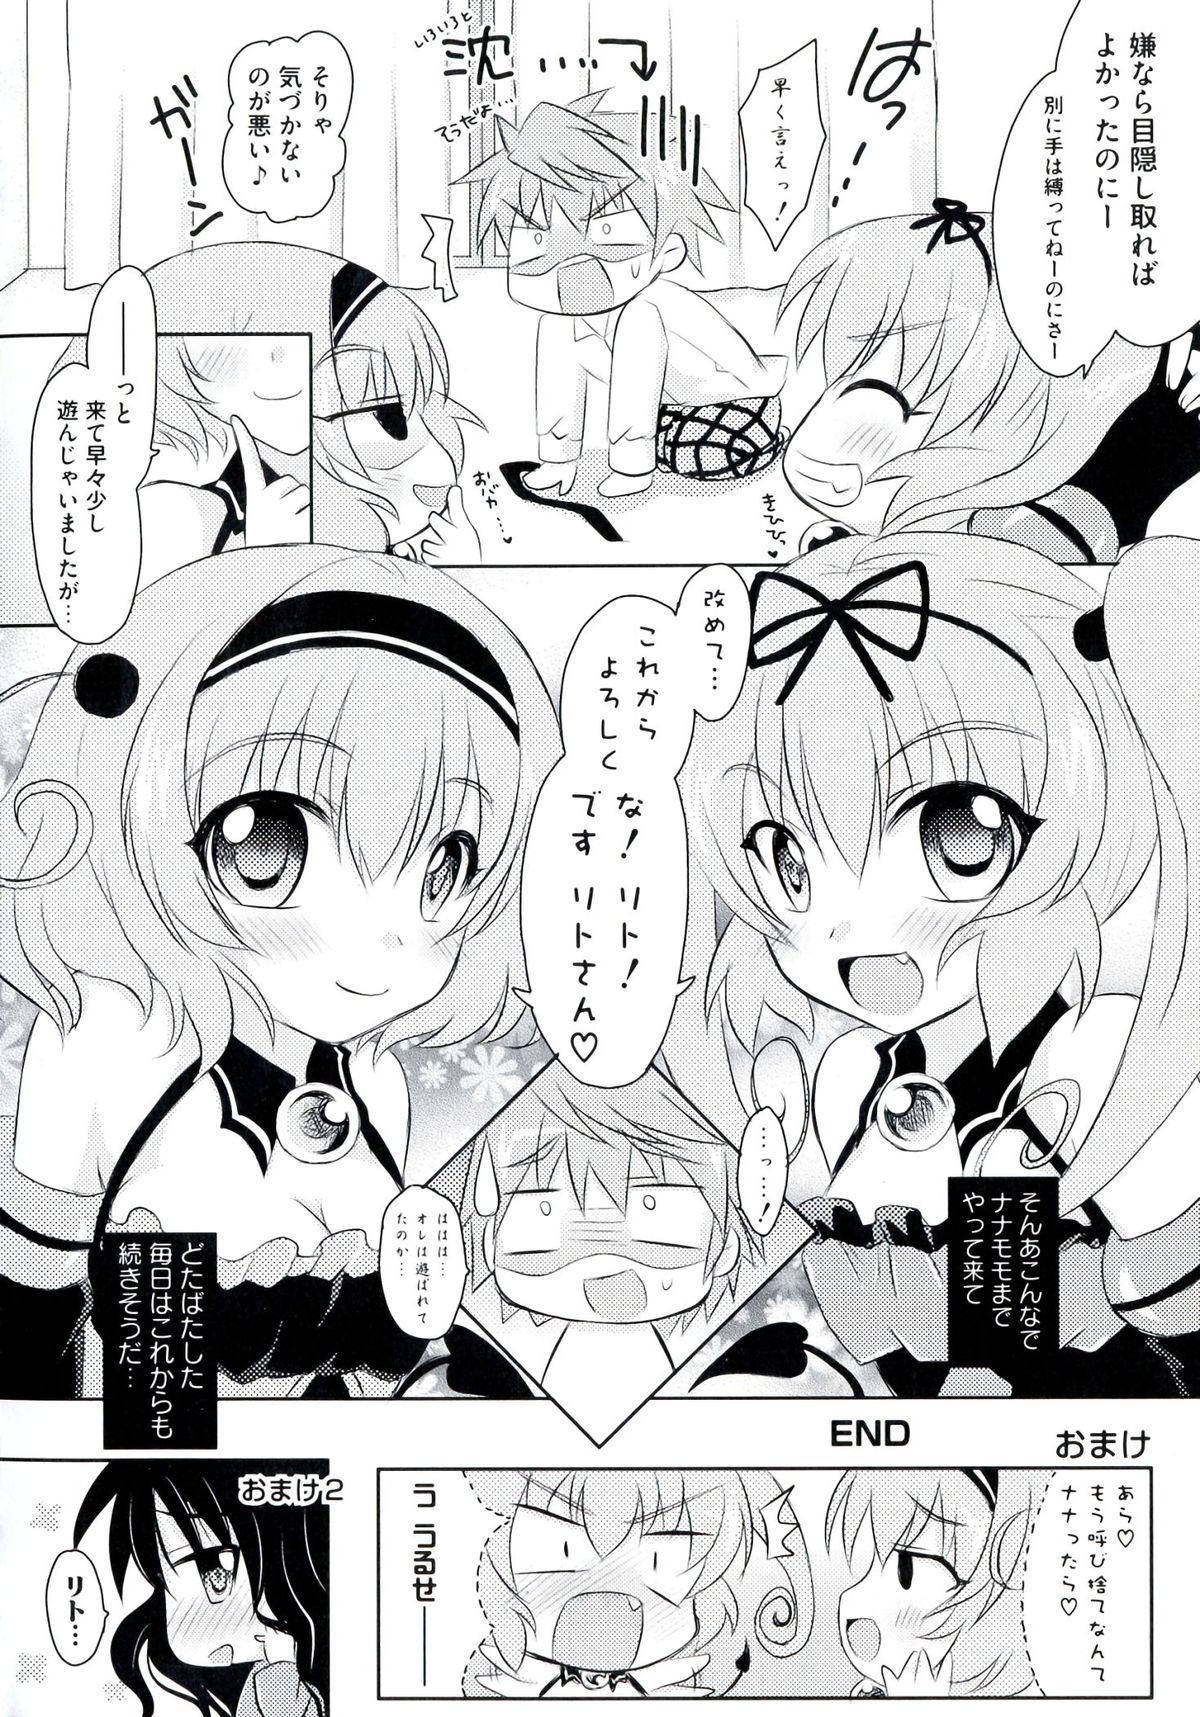 Geki EROVEru DARKNESS 115